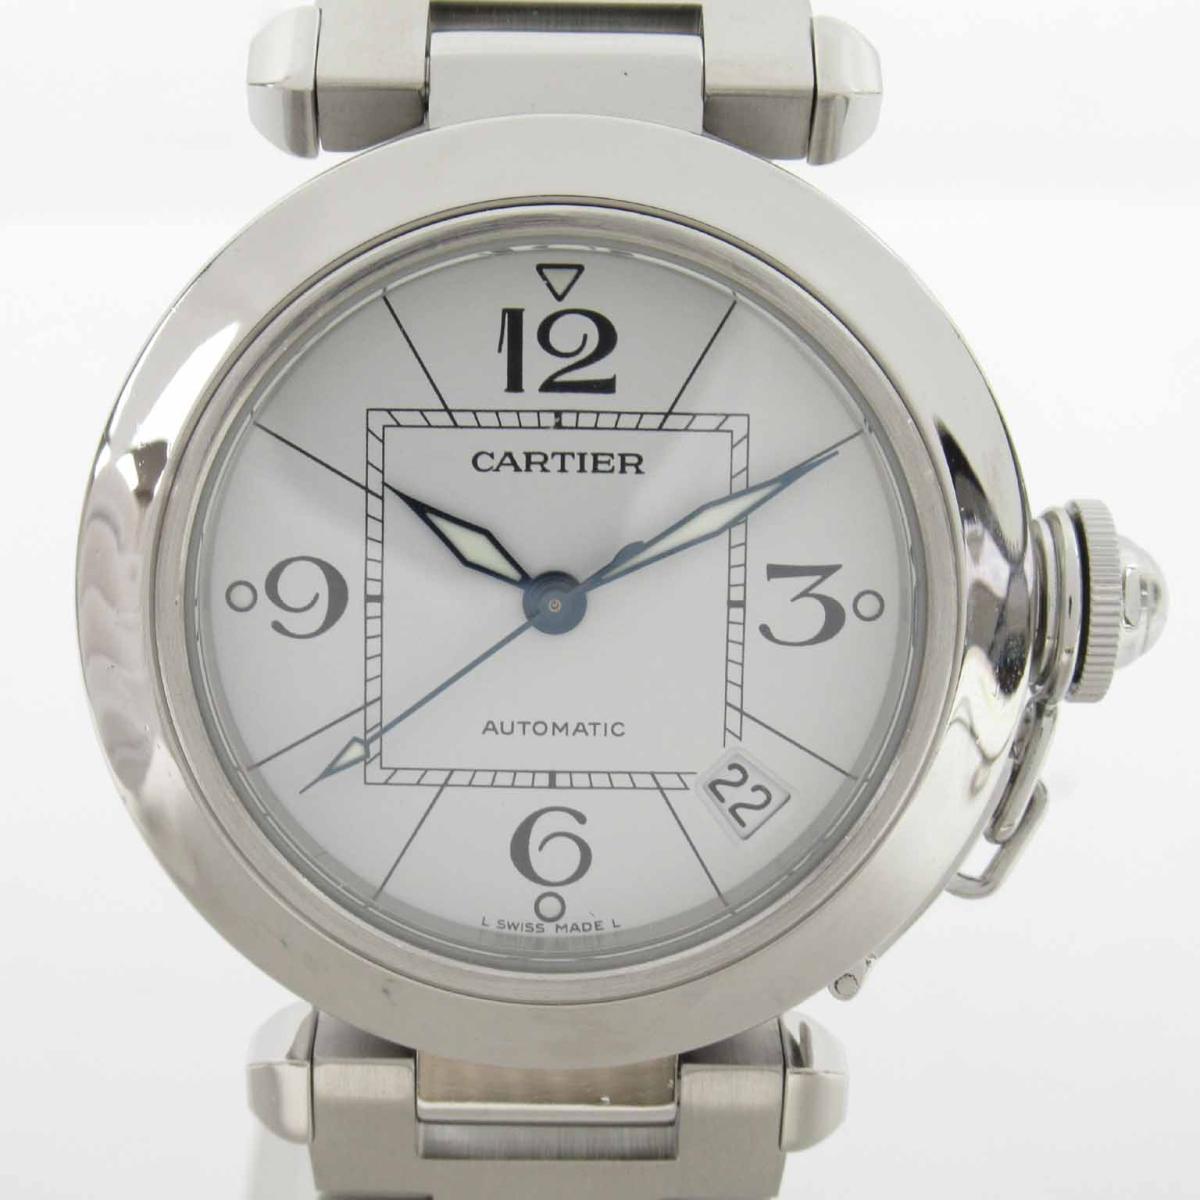 【中古】 カルティエ パシャC ウォッチ 腕時計 メンズ ステンレススチール (SS) (W31074M7) | Cartier BRANDOFF ブランドオフ ブランド ブランド時計 ブランド腕時計 時計